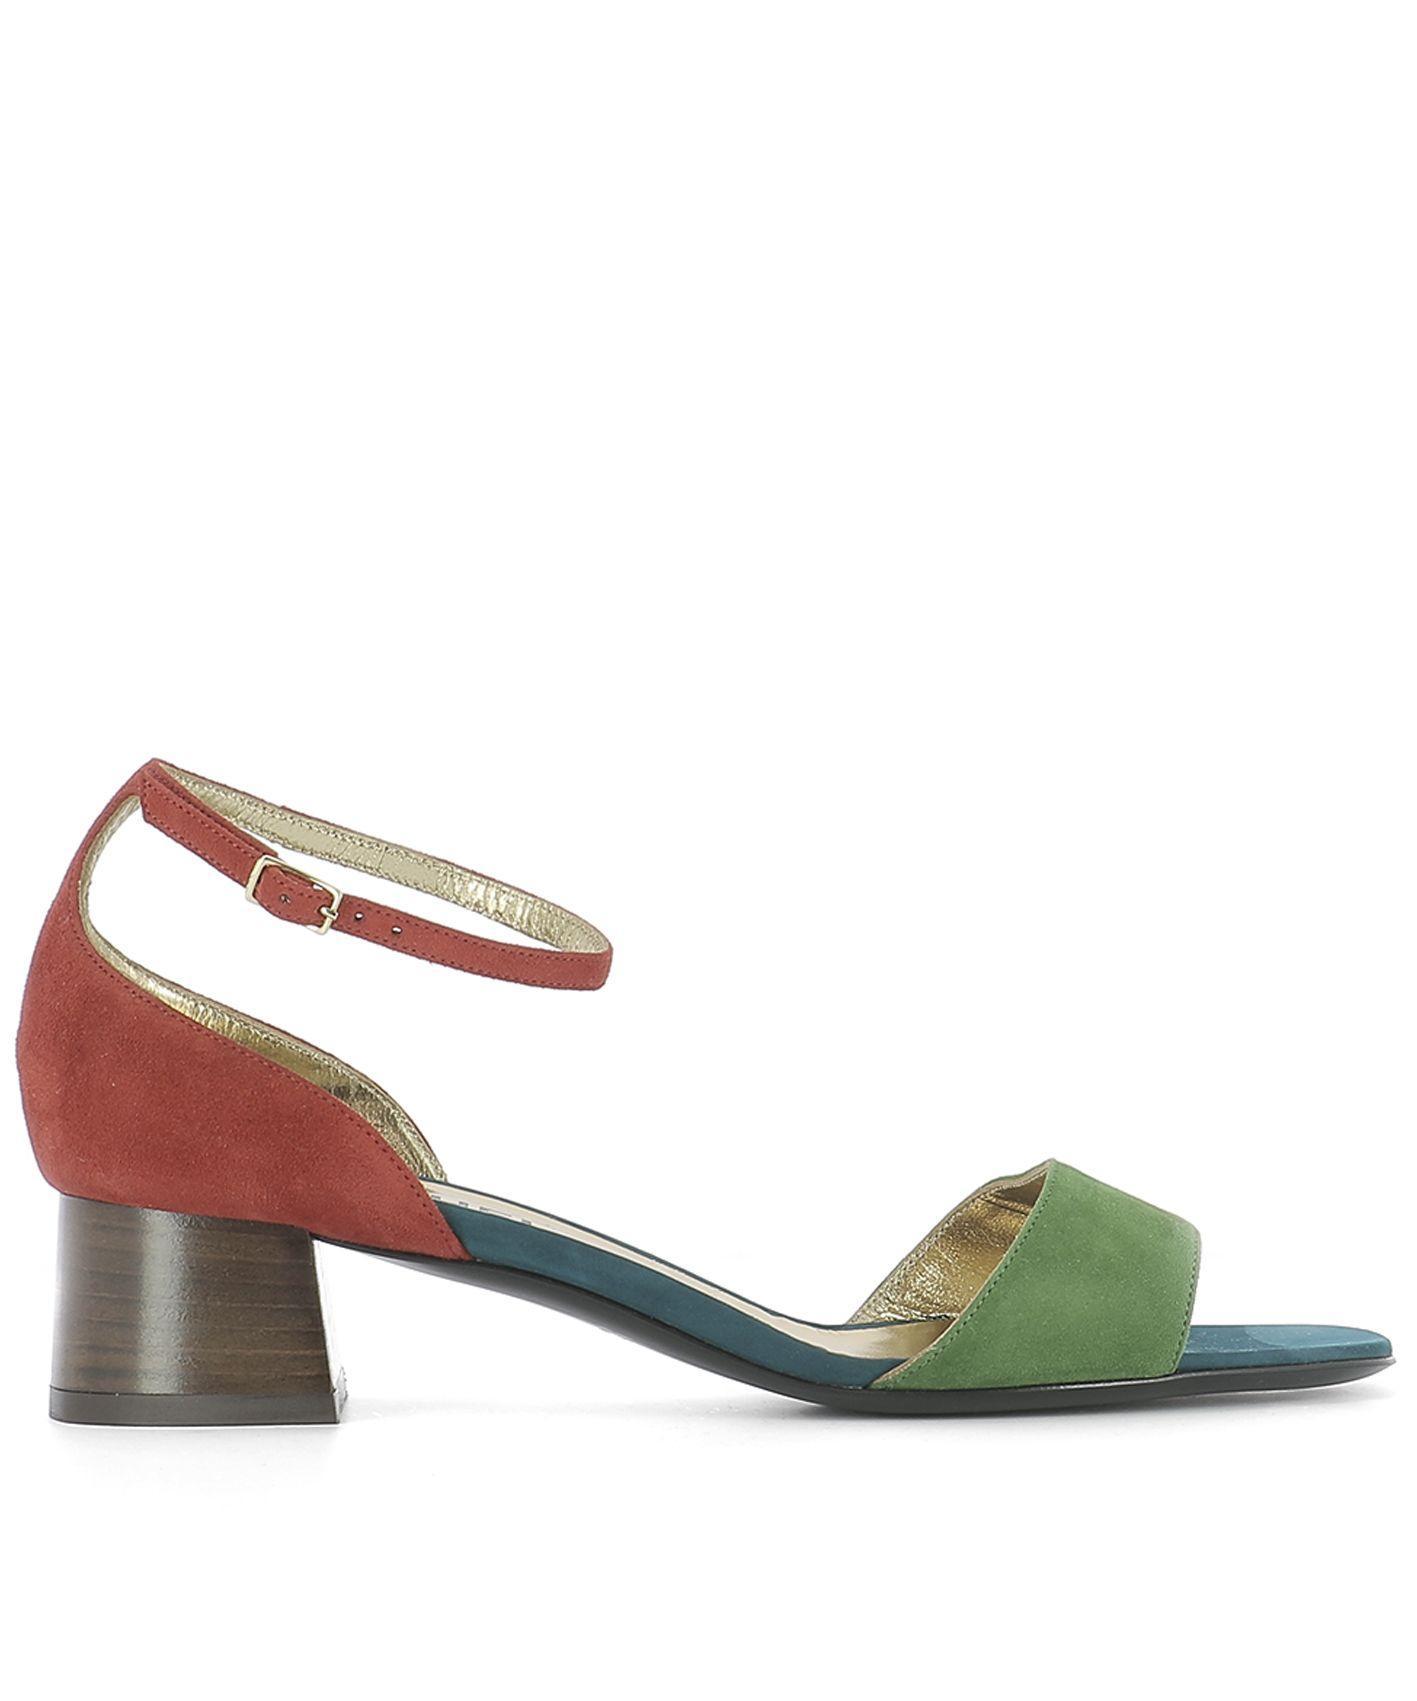 Michel Vivien Multicolor Suede Sandals